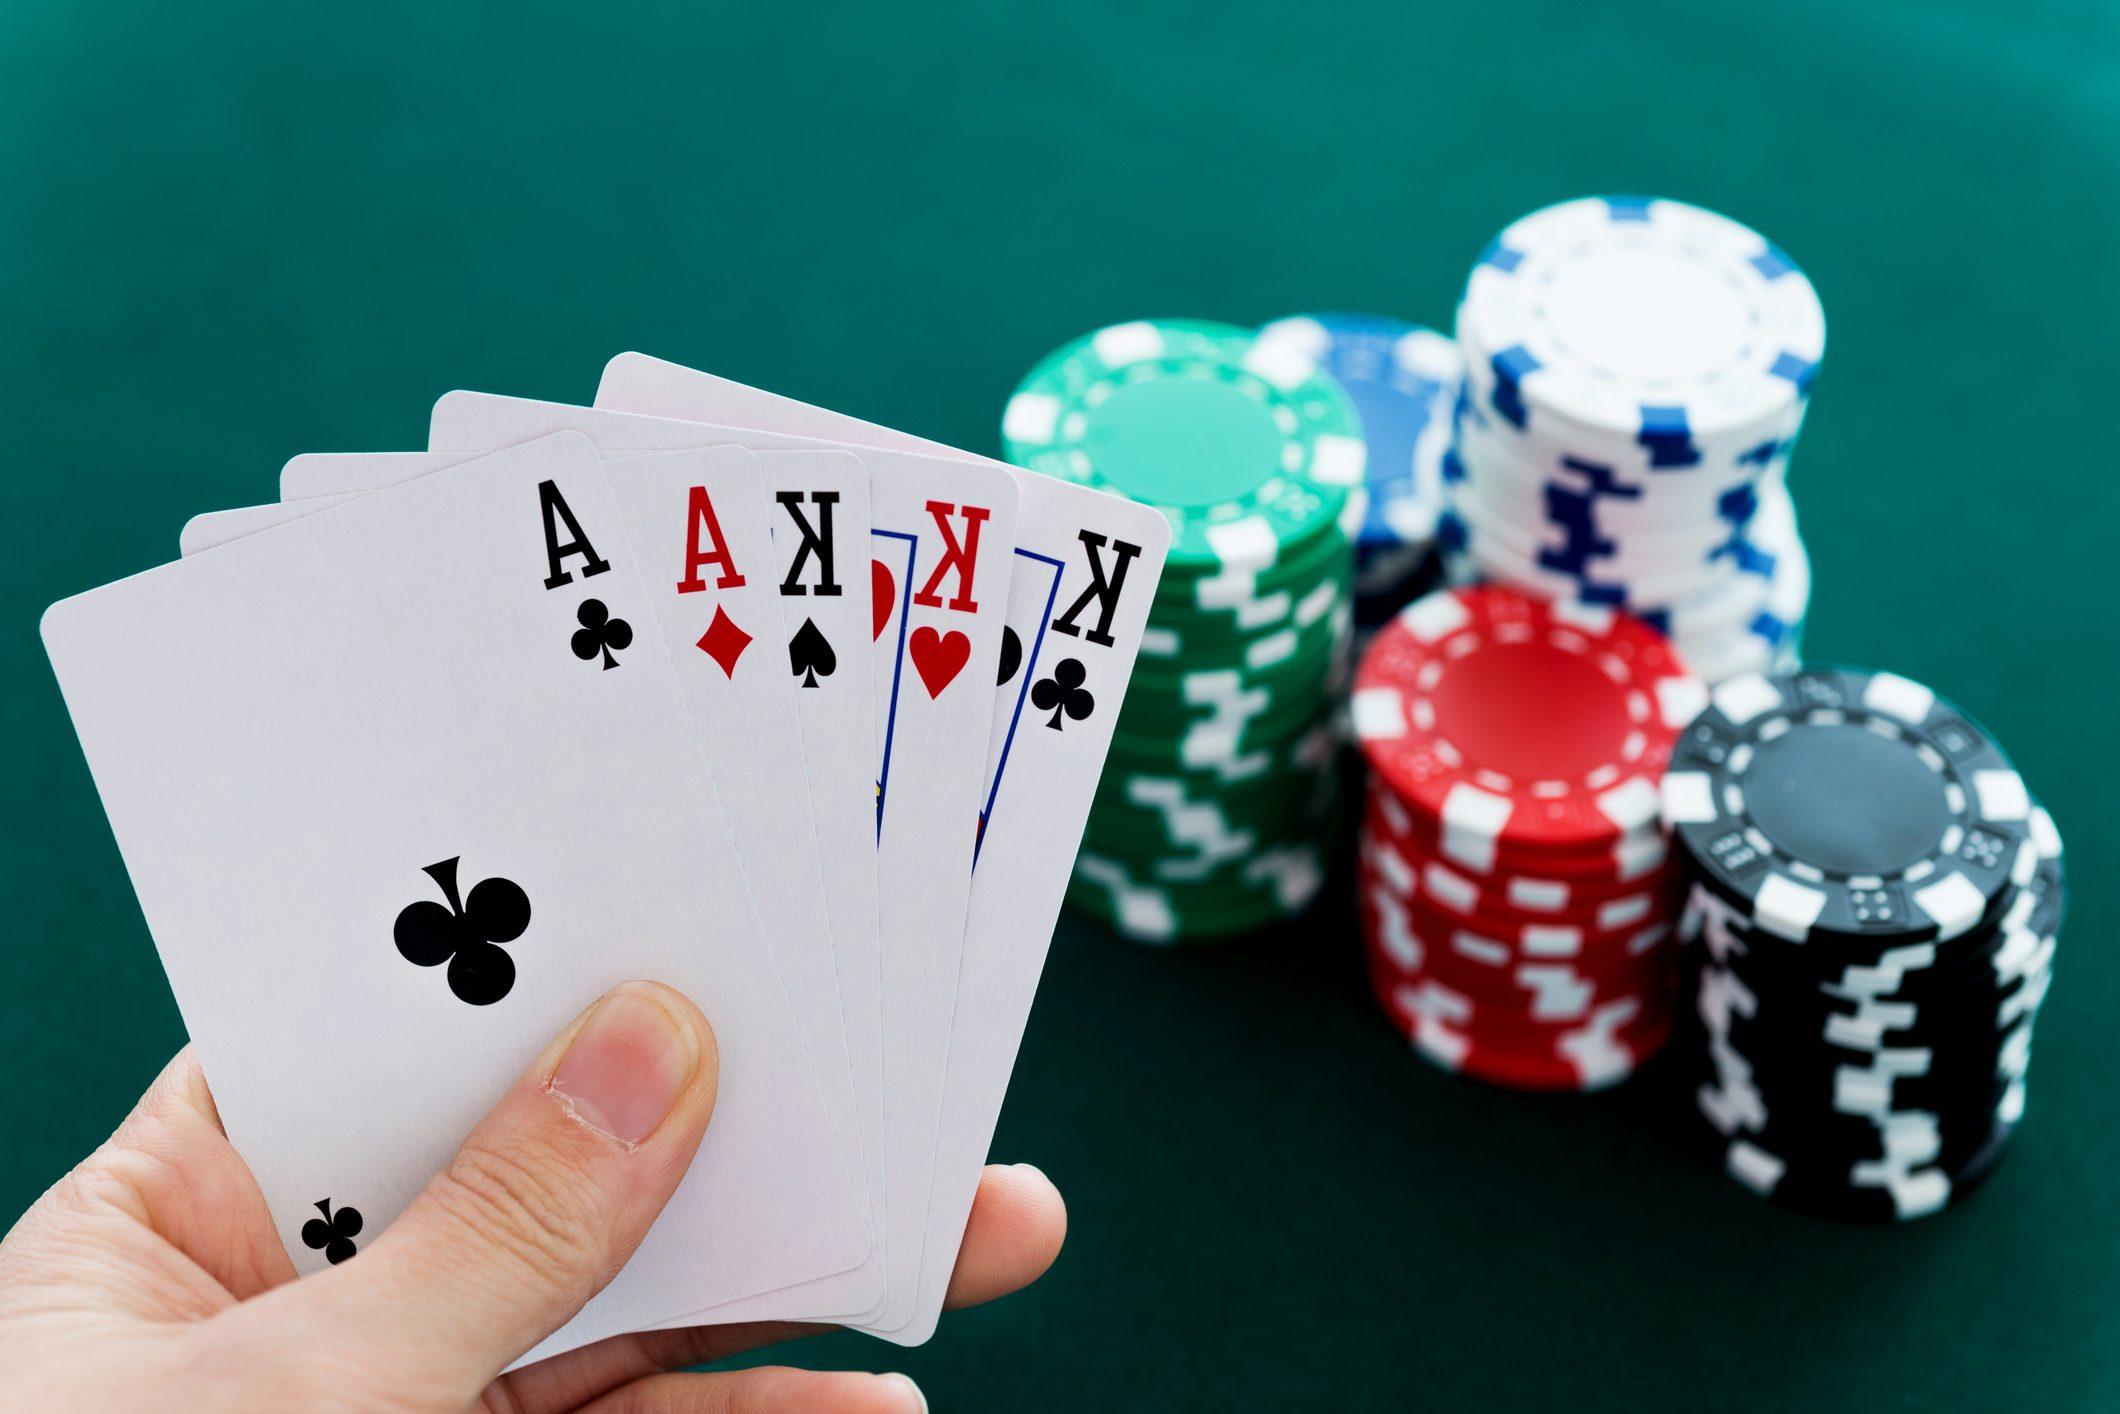 Kenali Ketentuan dan Macam Permainan Poker Untuk Pemula